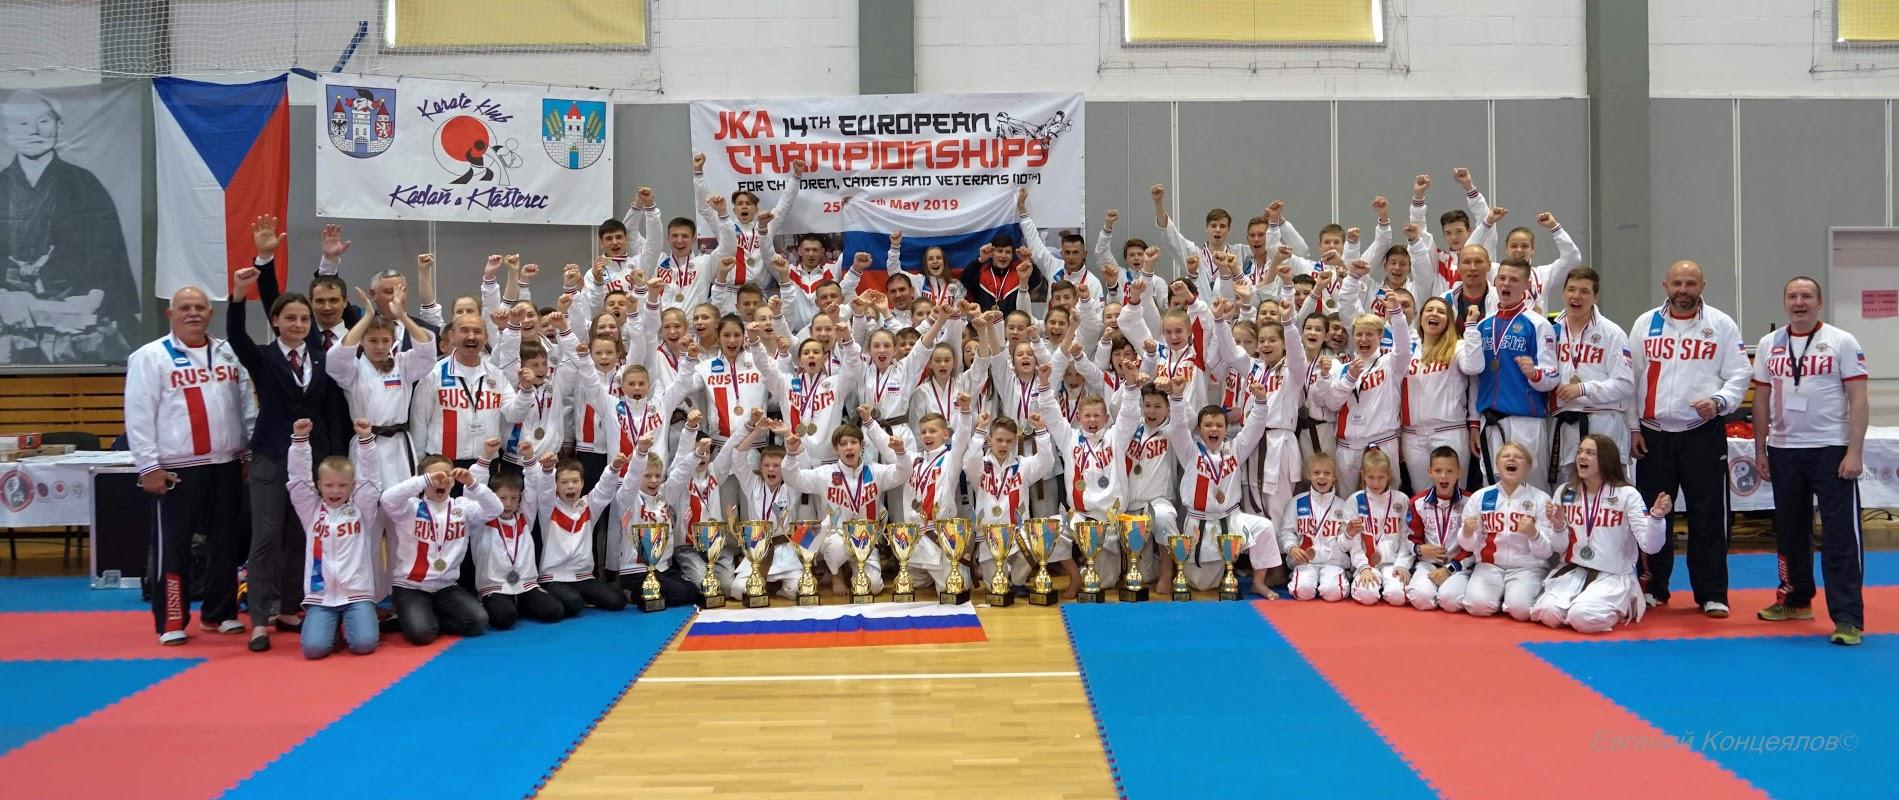 Очередная великолепная победа сборной России на европейских соревнованиях по Сётокан!